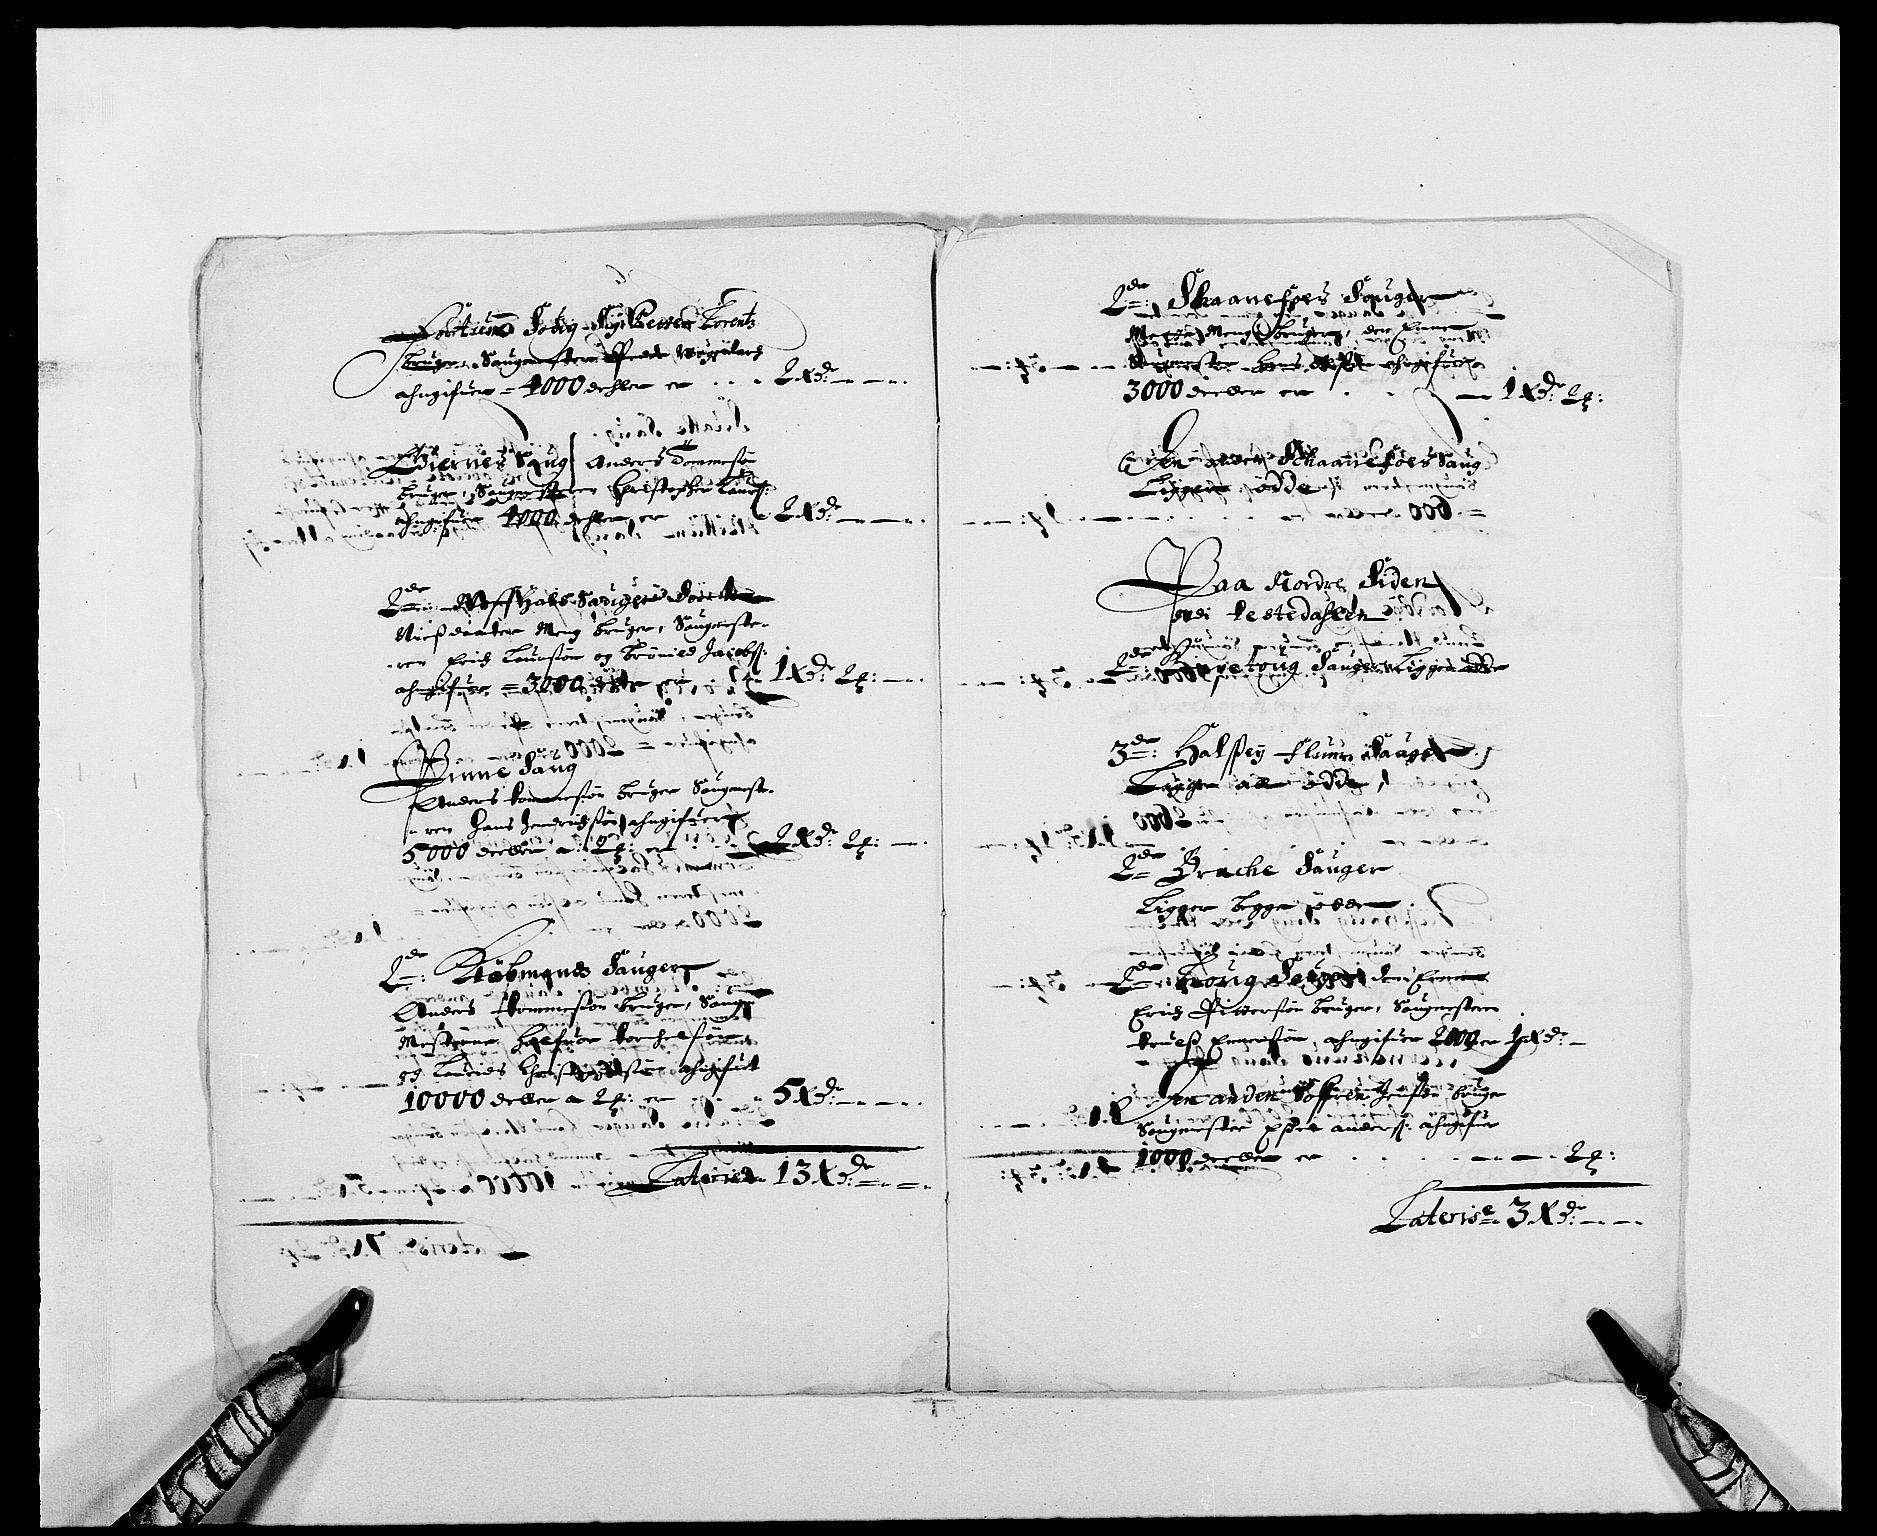 RA, Rentekammeret inntil 1814, Reviderte regnskaper, Fogderegnskap, R01/L0001: Fogderegnskap Idd og Marker, 1678-1679, s. 473